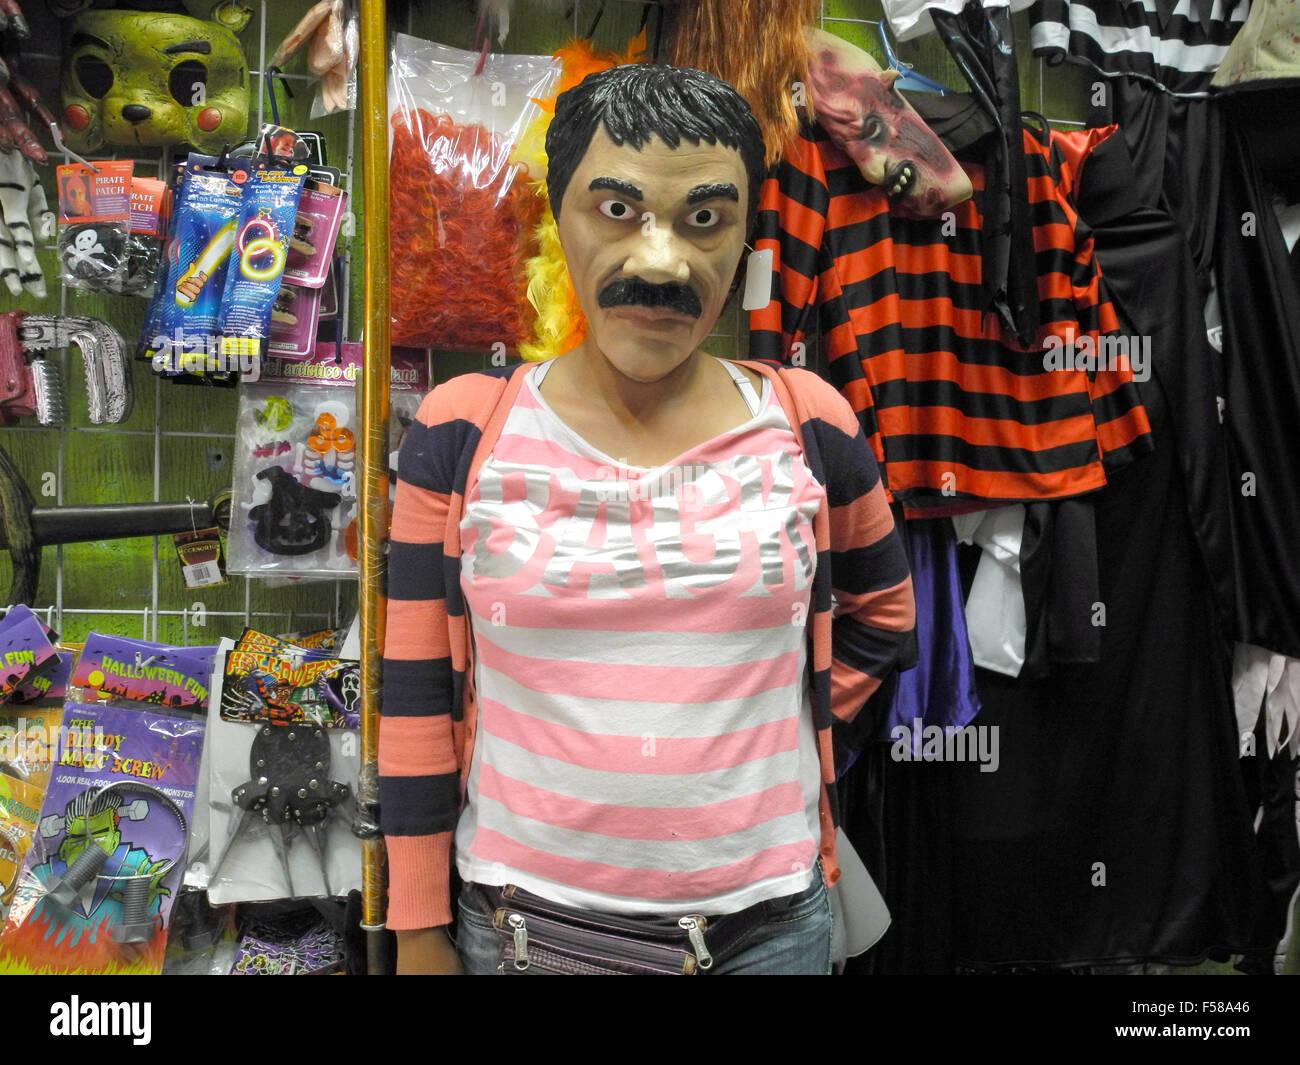 drug kingpin stock photos & drug kingpin stock images - alamy